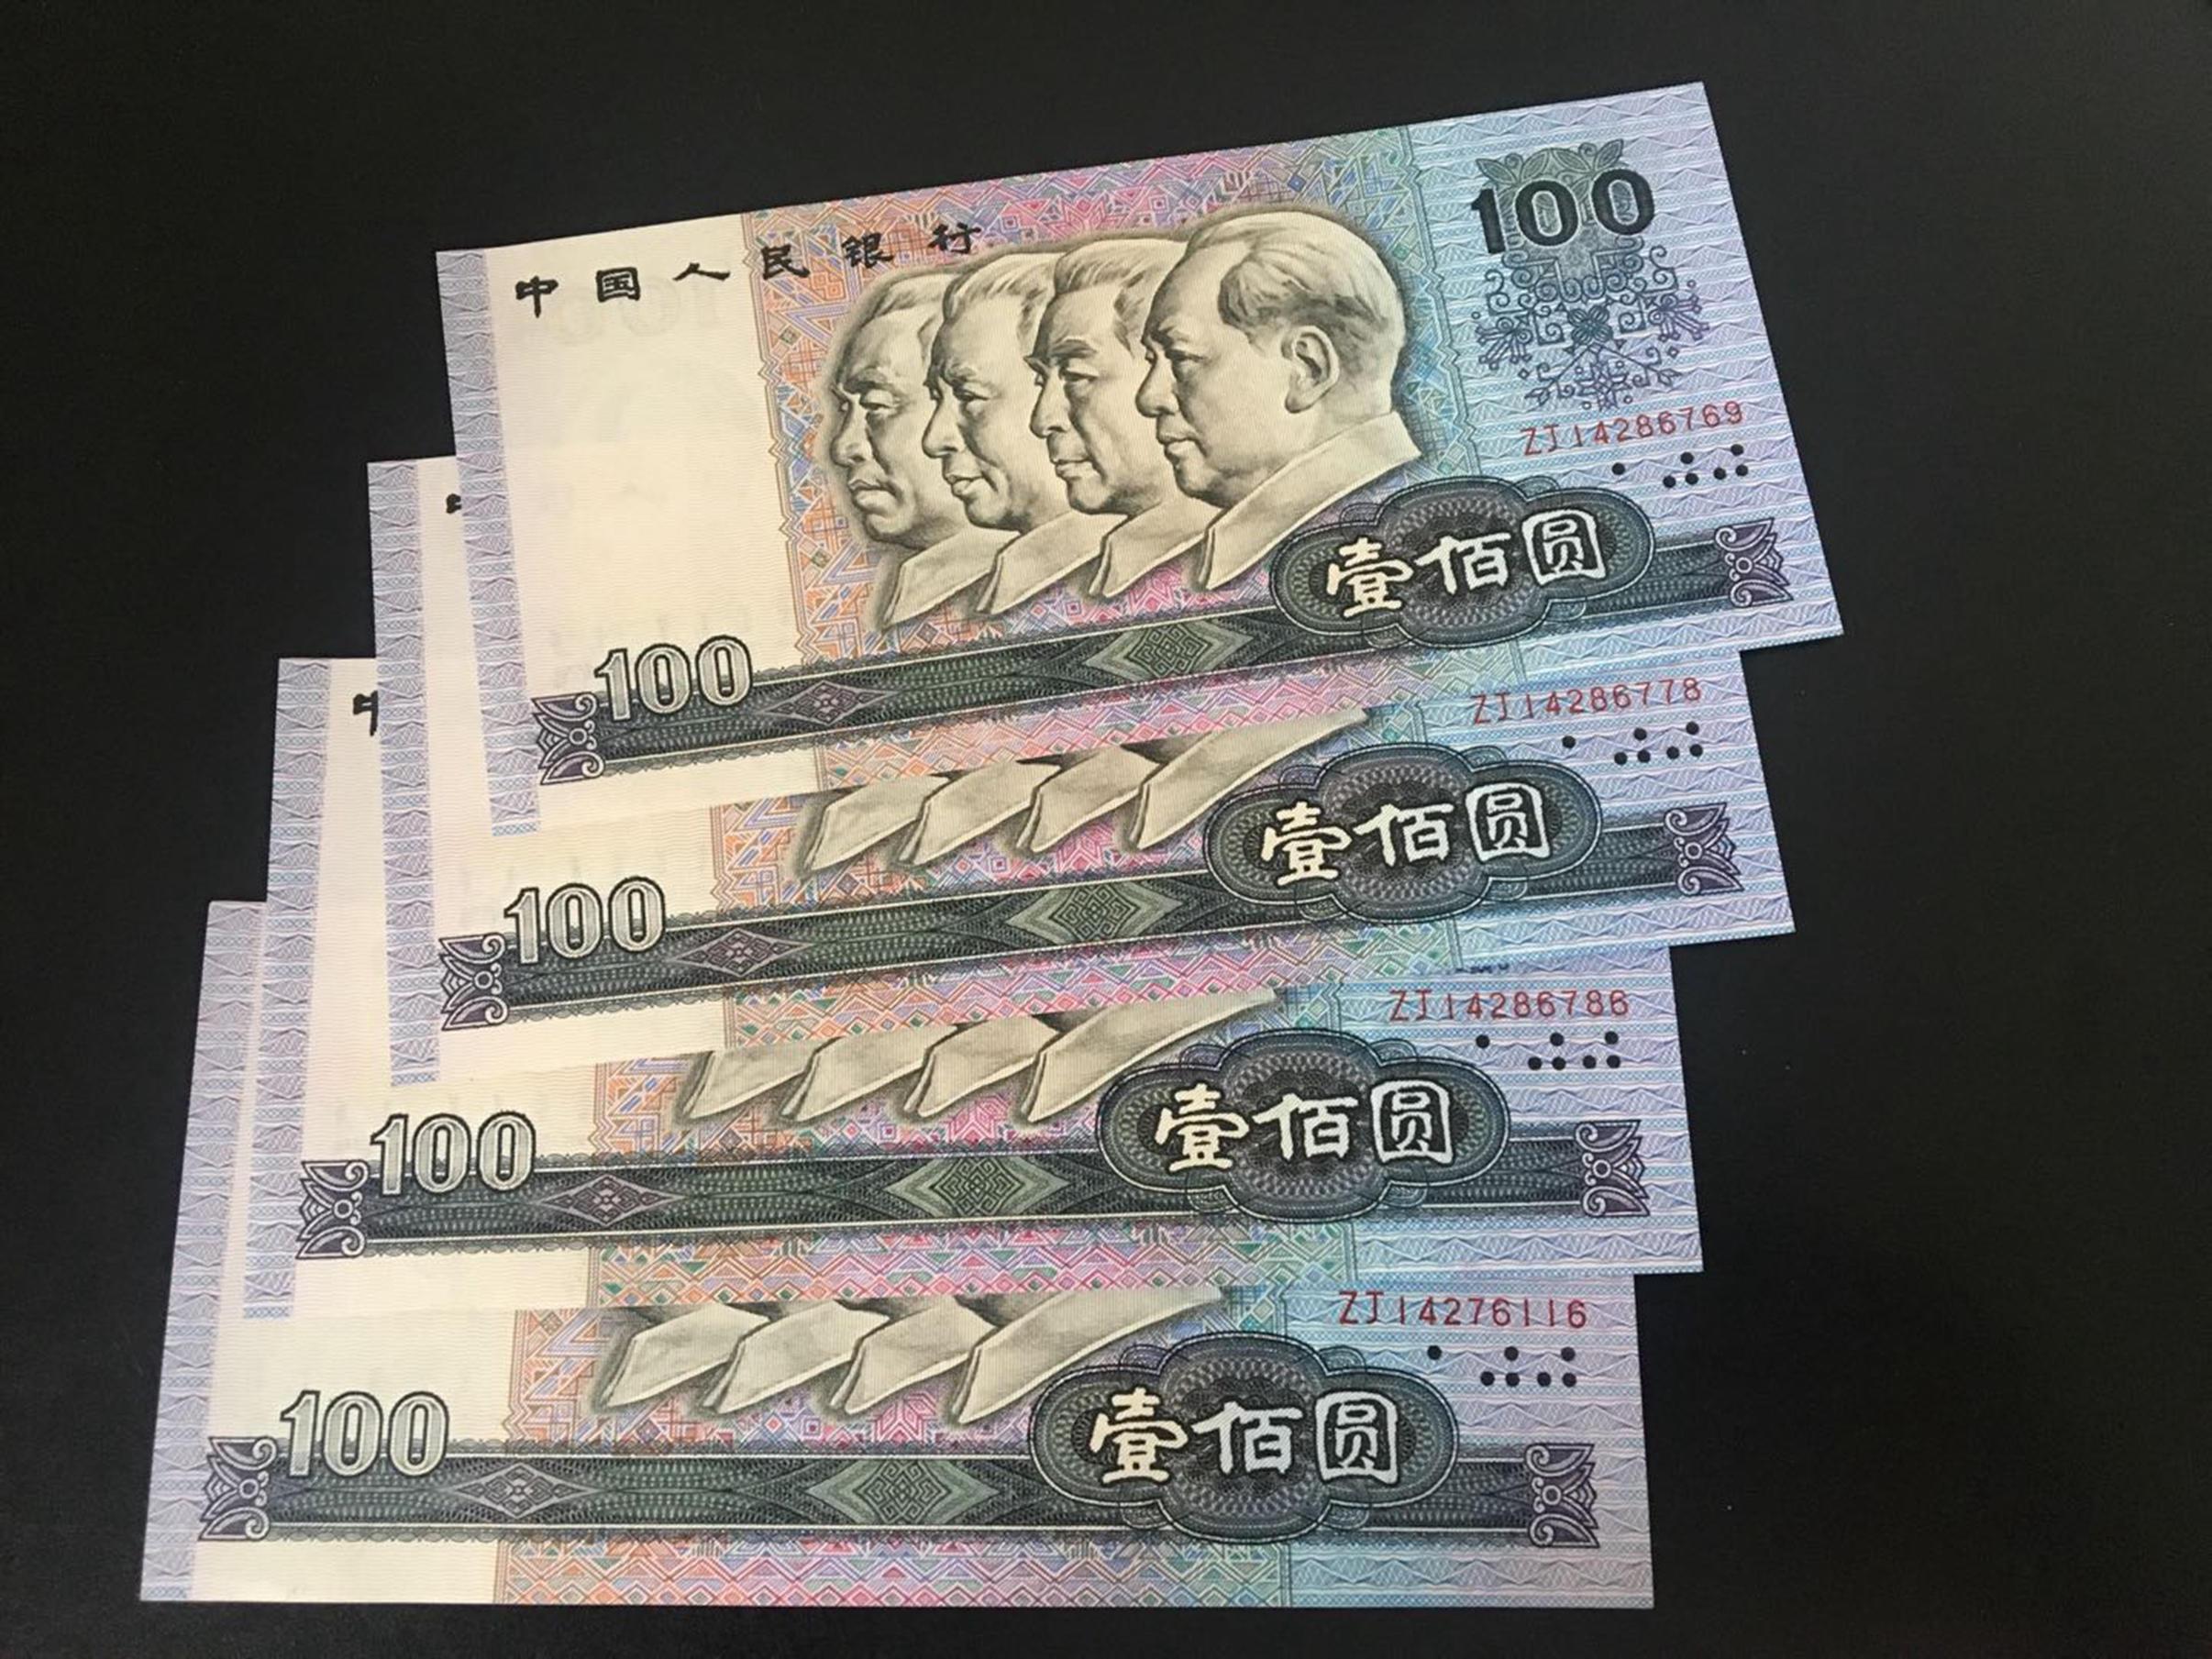 1999年人民币100元现在价格是多少 1999年人民币100元最新行情分析